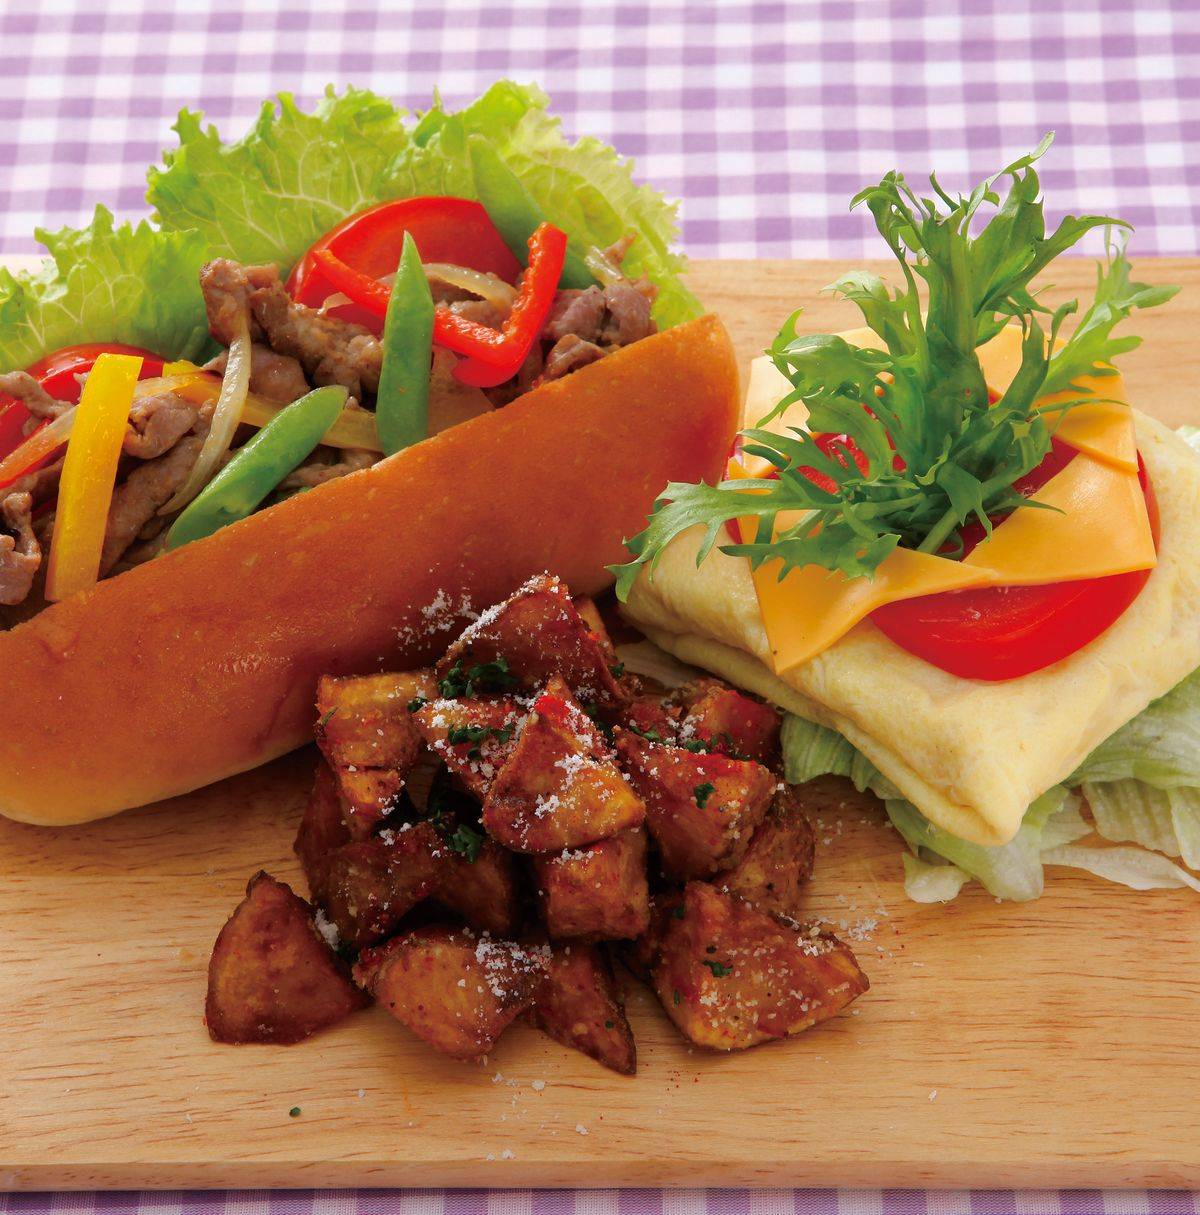 食譜:彩椒豬柳熱狗堡